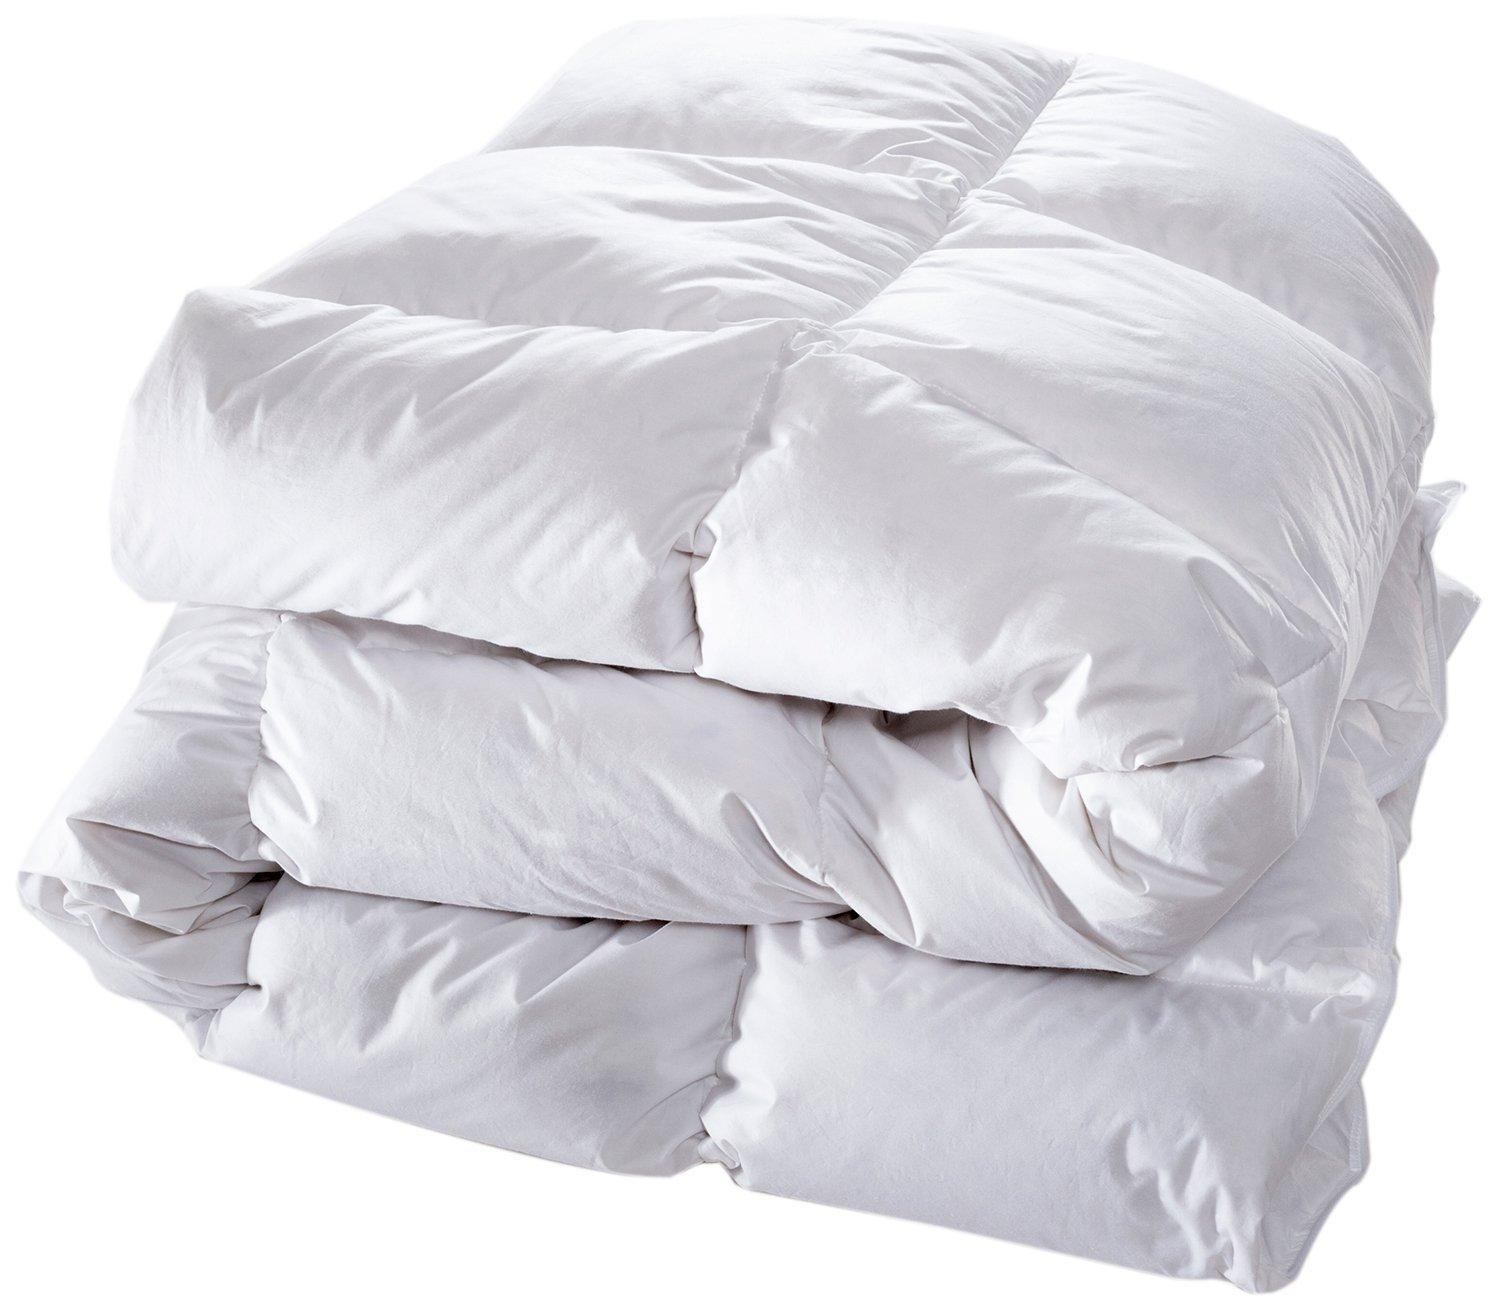 qvc bettdecken 4 jahreszeiten schlafzimmer set zu verschenken mikrofaser flanell fleece. Black Bedroom Furniture Sets. Home Design Ideas